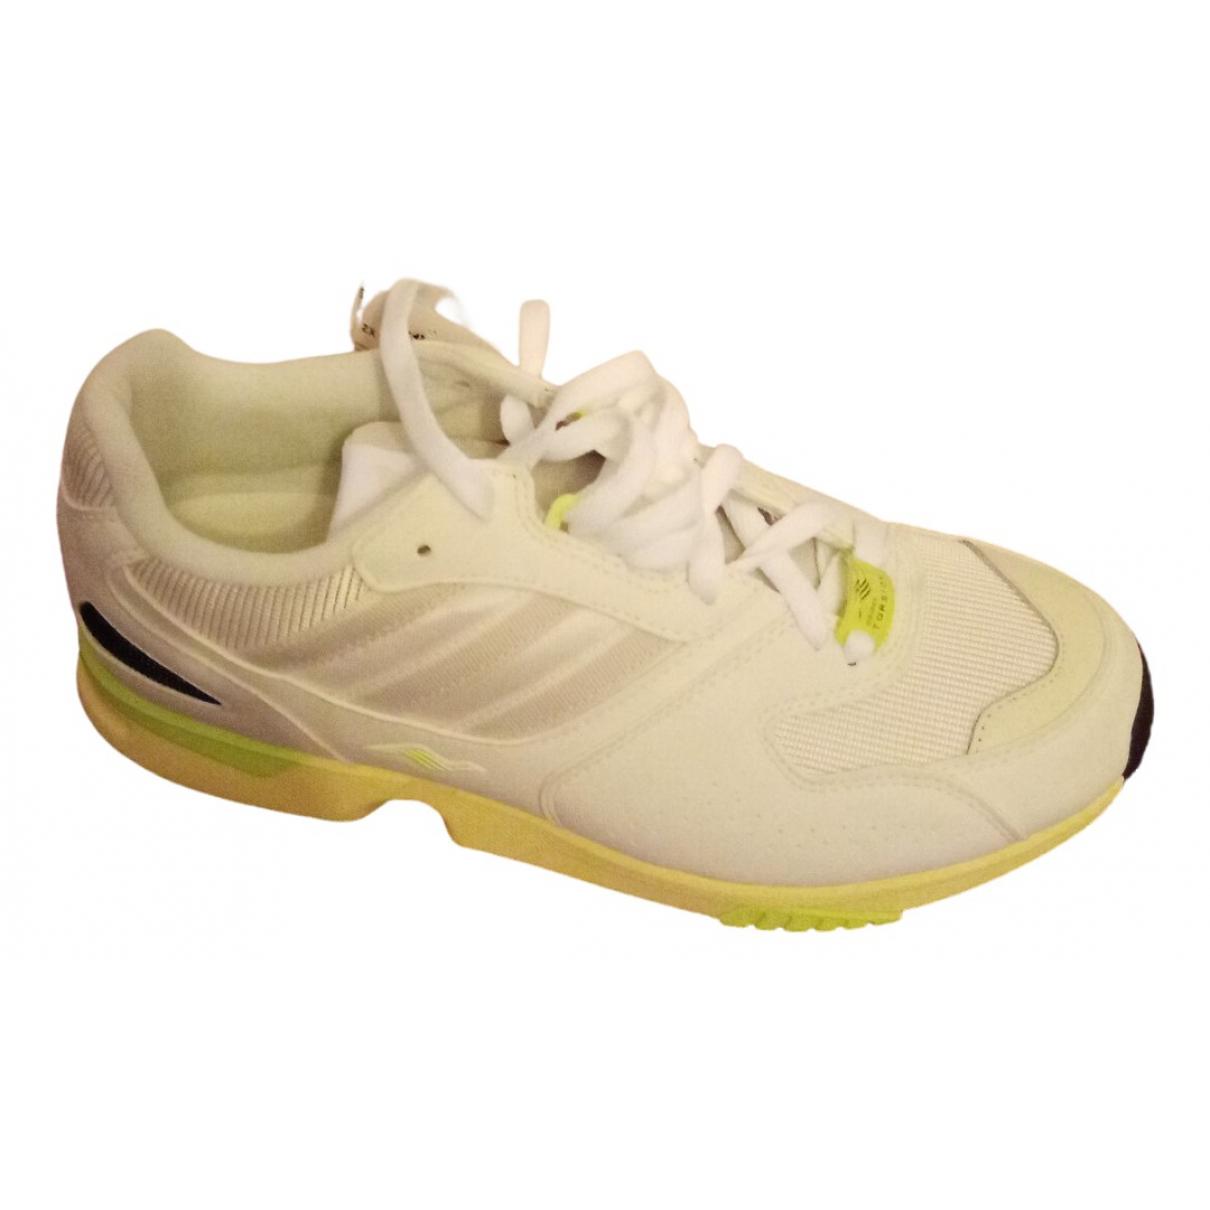 Adidas - Baskets ZX pour homme en cuir - blanc